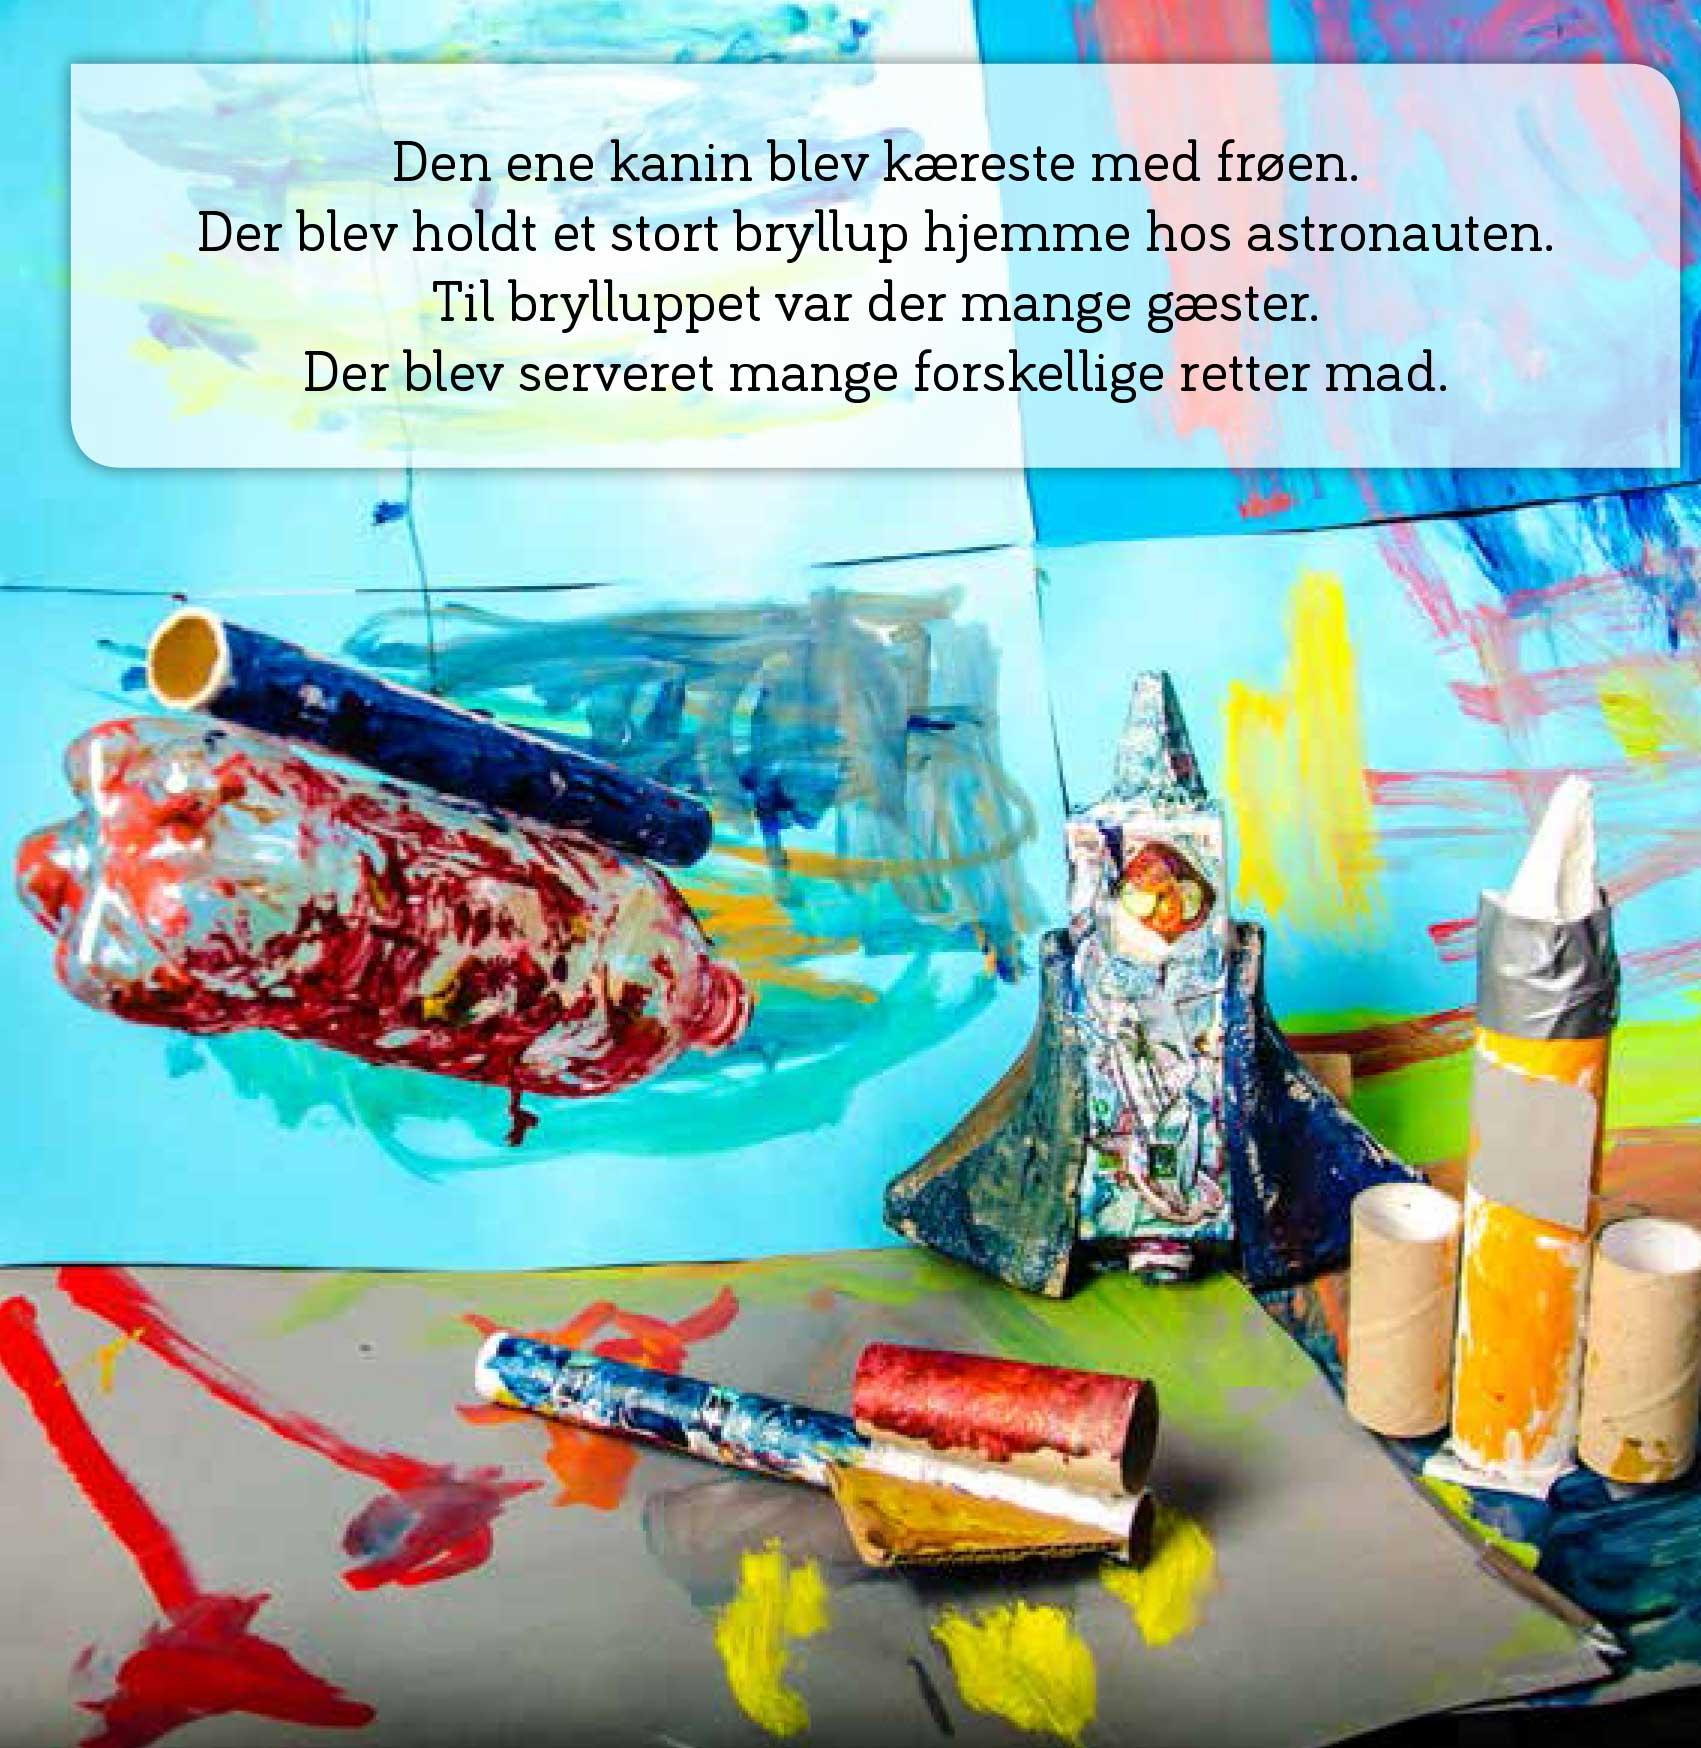 KøgeBilledskole-Rejsen-til-mars-03